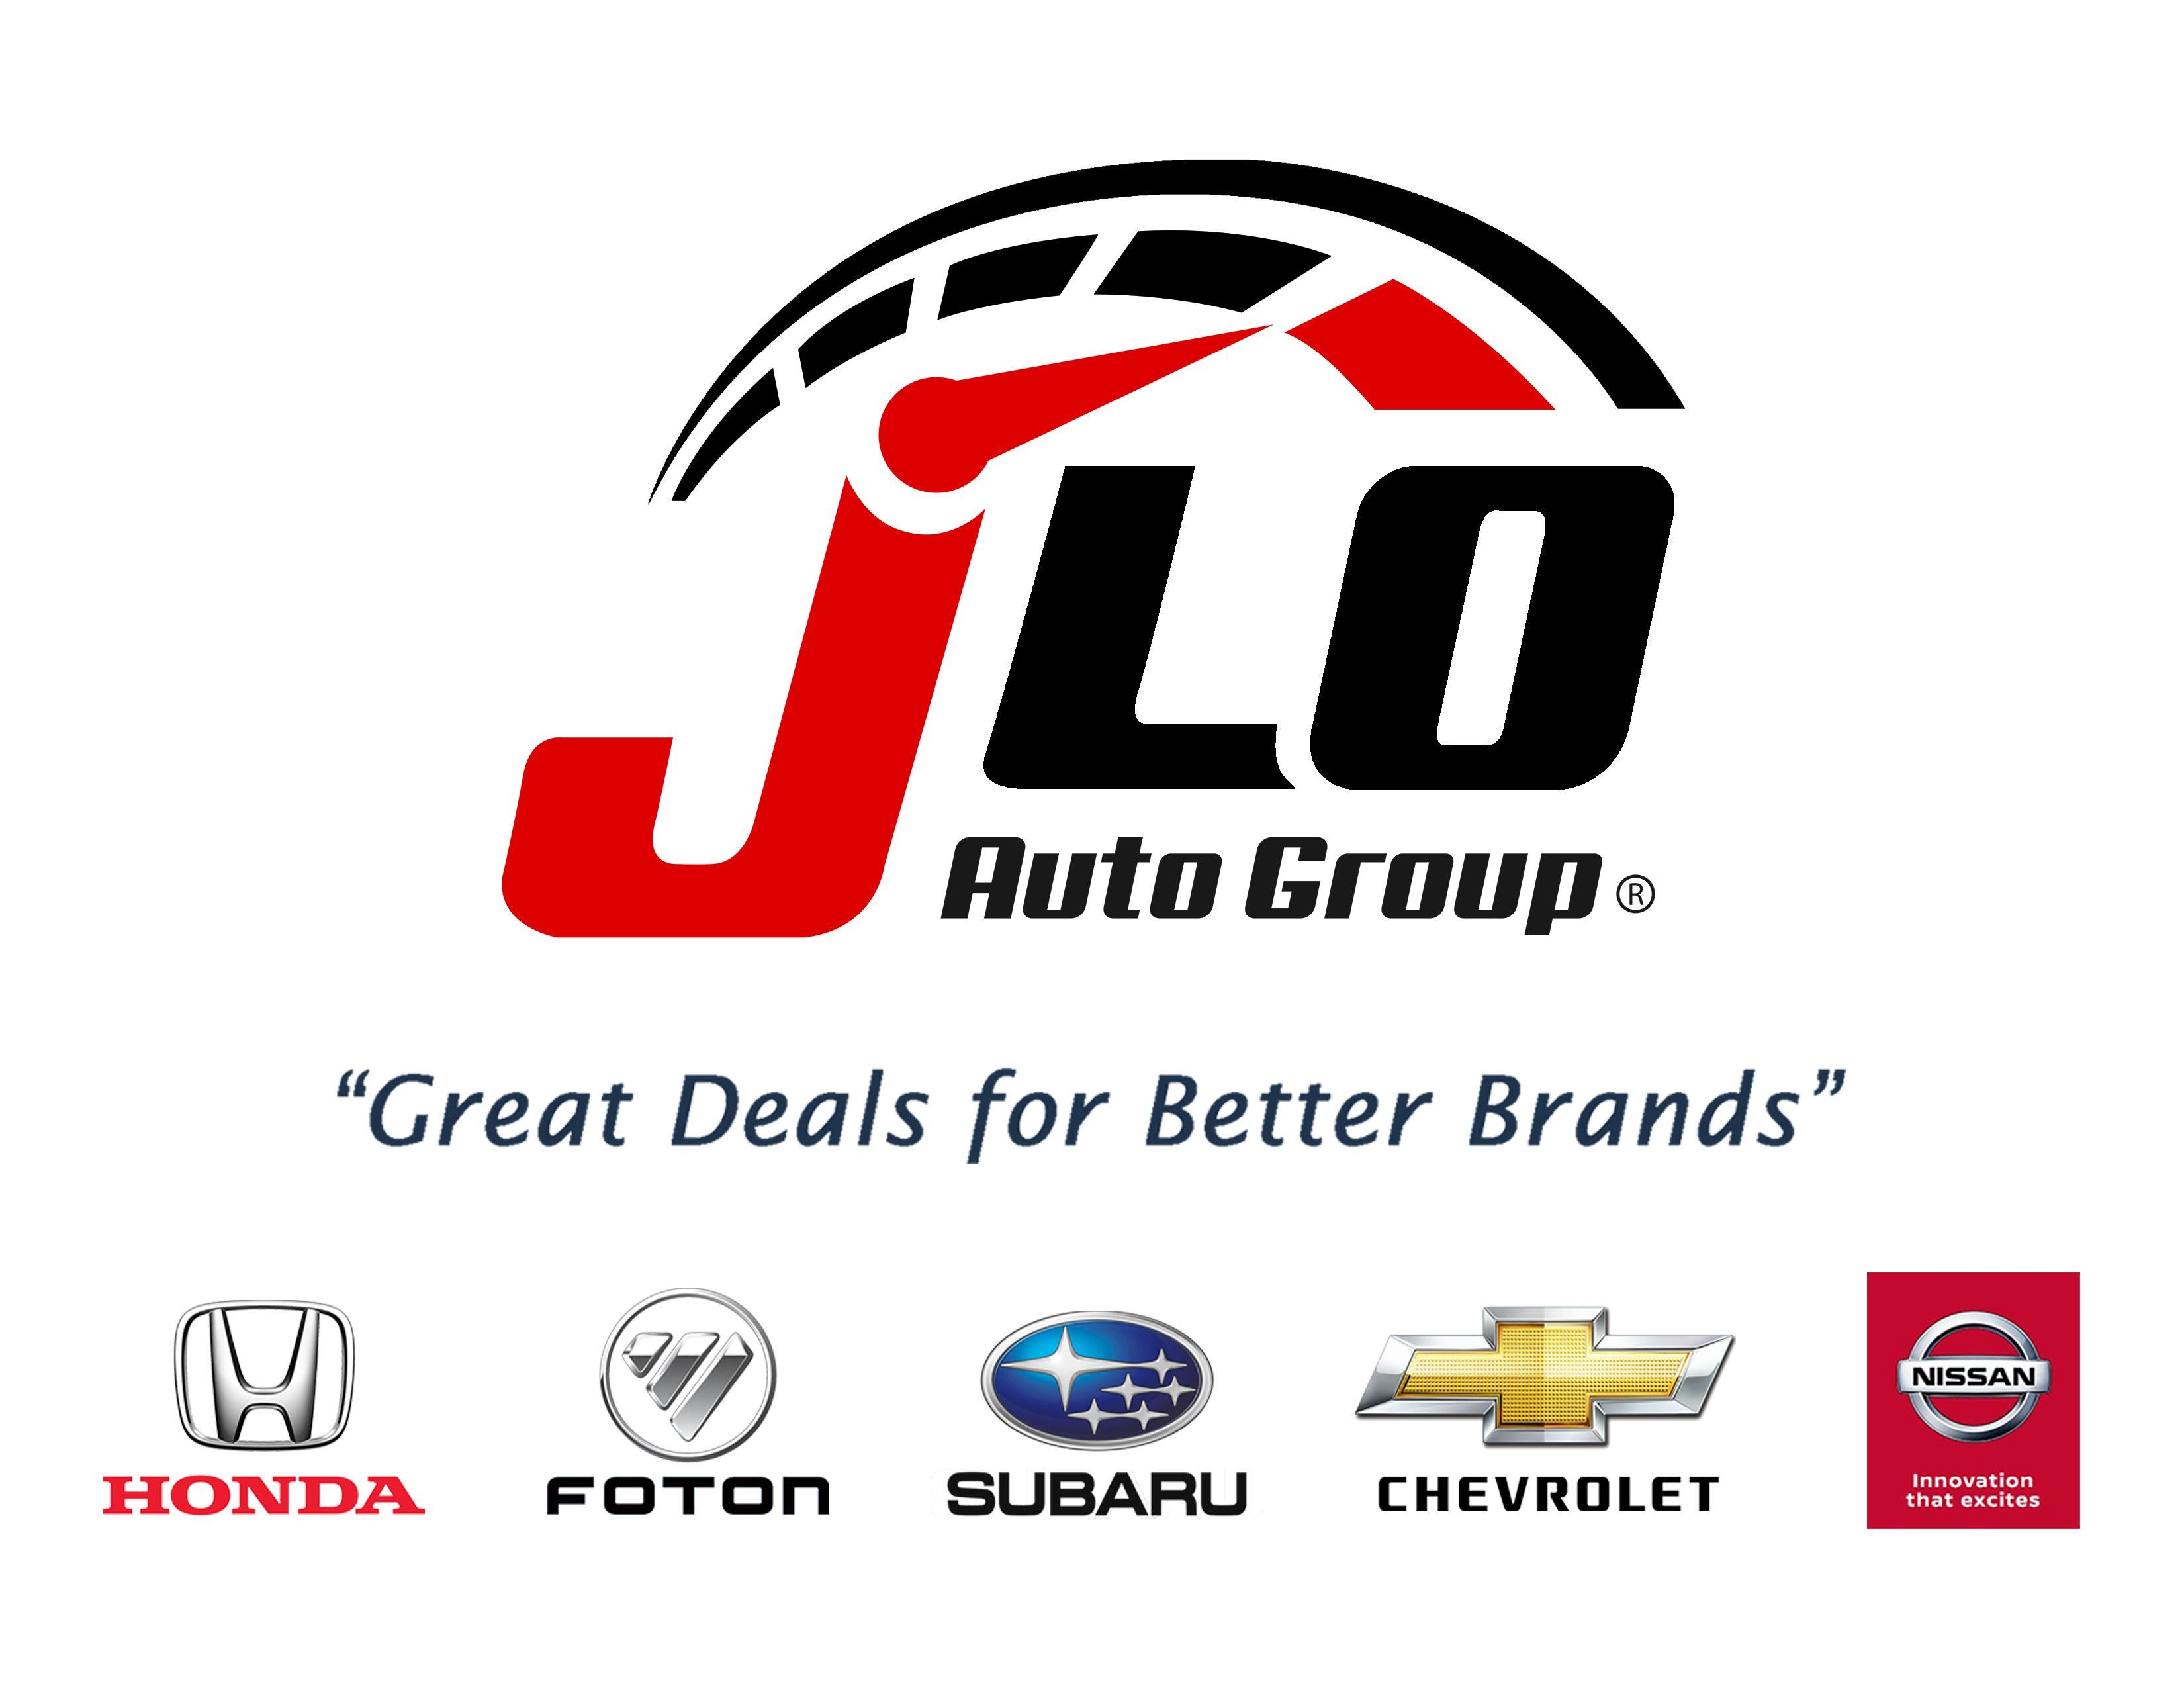 JLO Auto Group